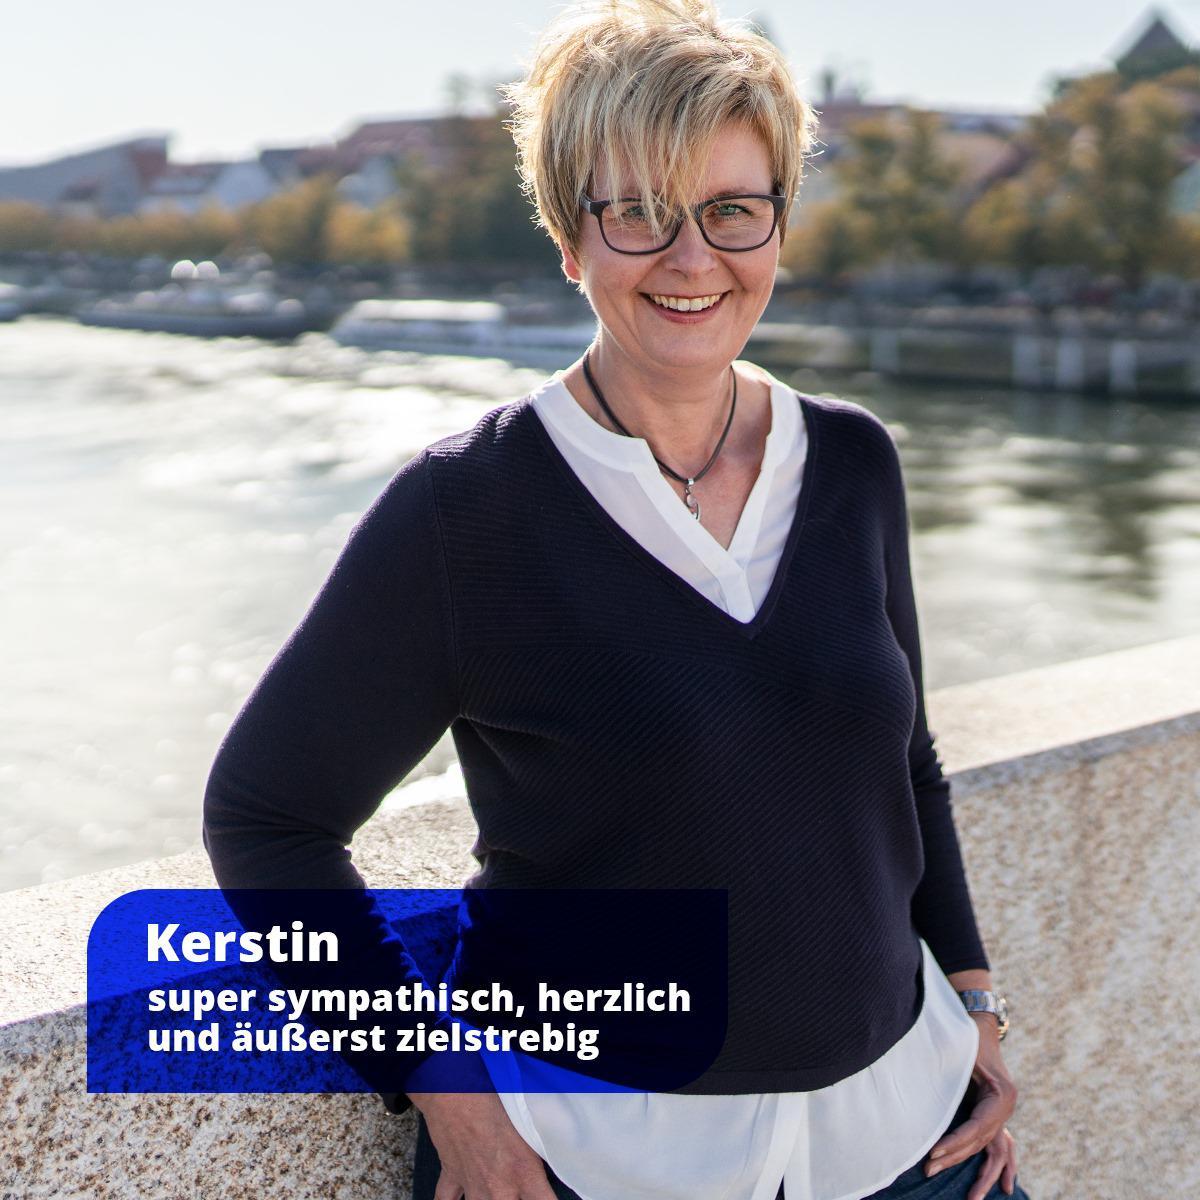 Bild zu Versicherungsmakler Kerstin Bader in Teublitz